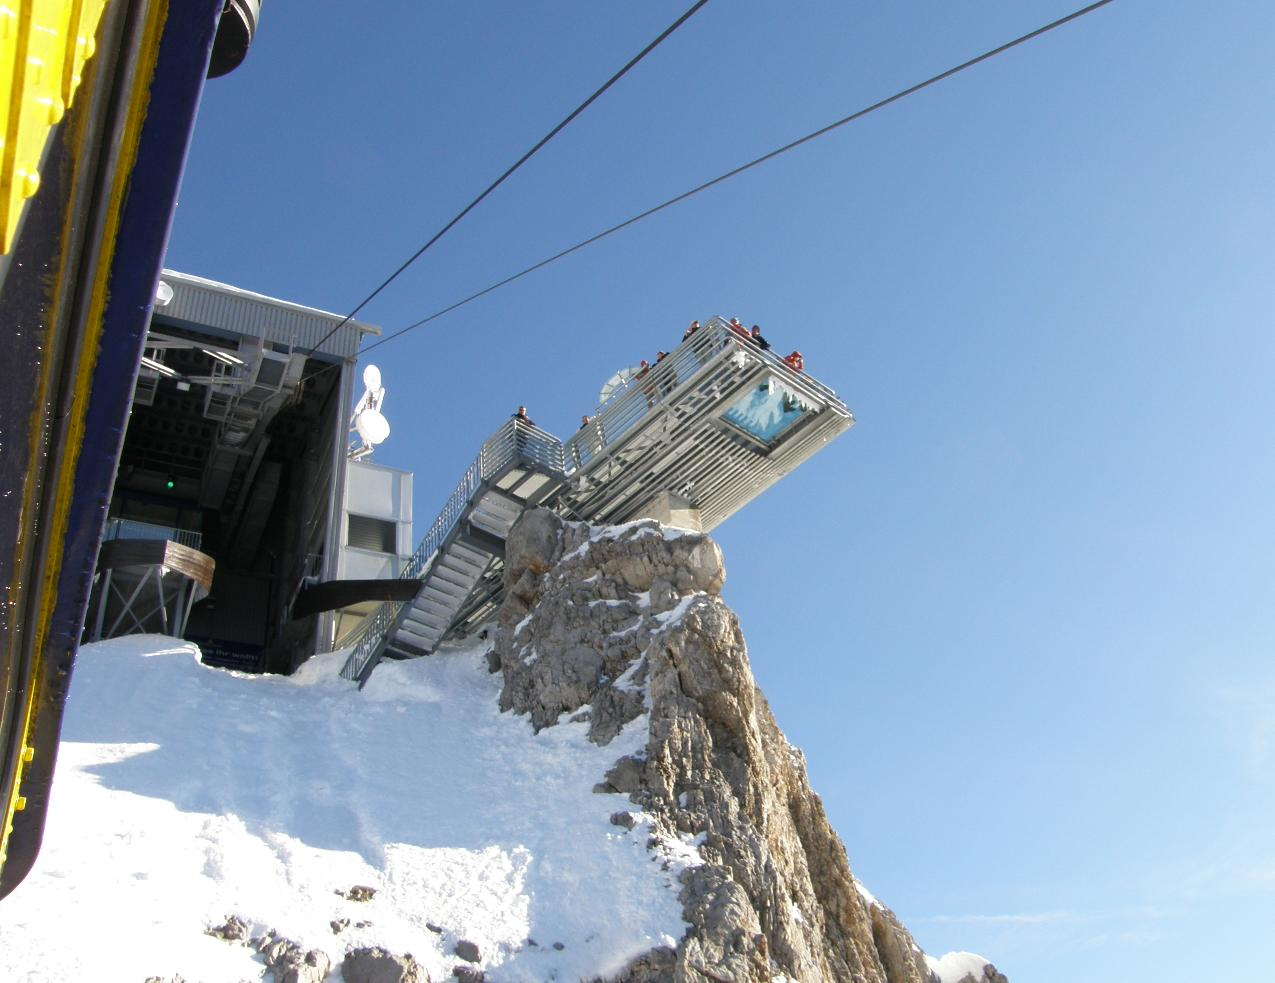 Смотровая площадка. Вид снизу из кабины канатной дороги. Источник https://upload.wikimedia.org/